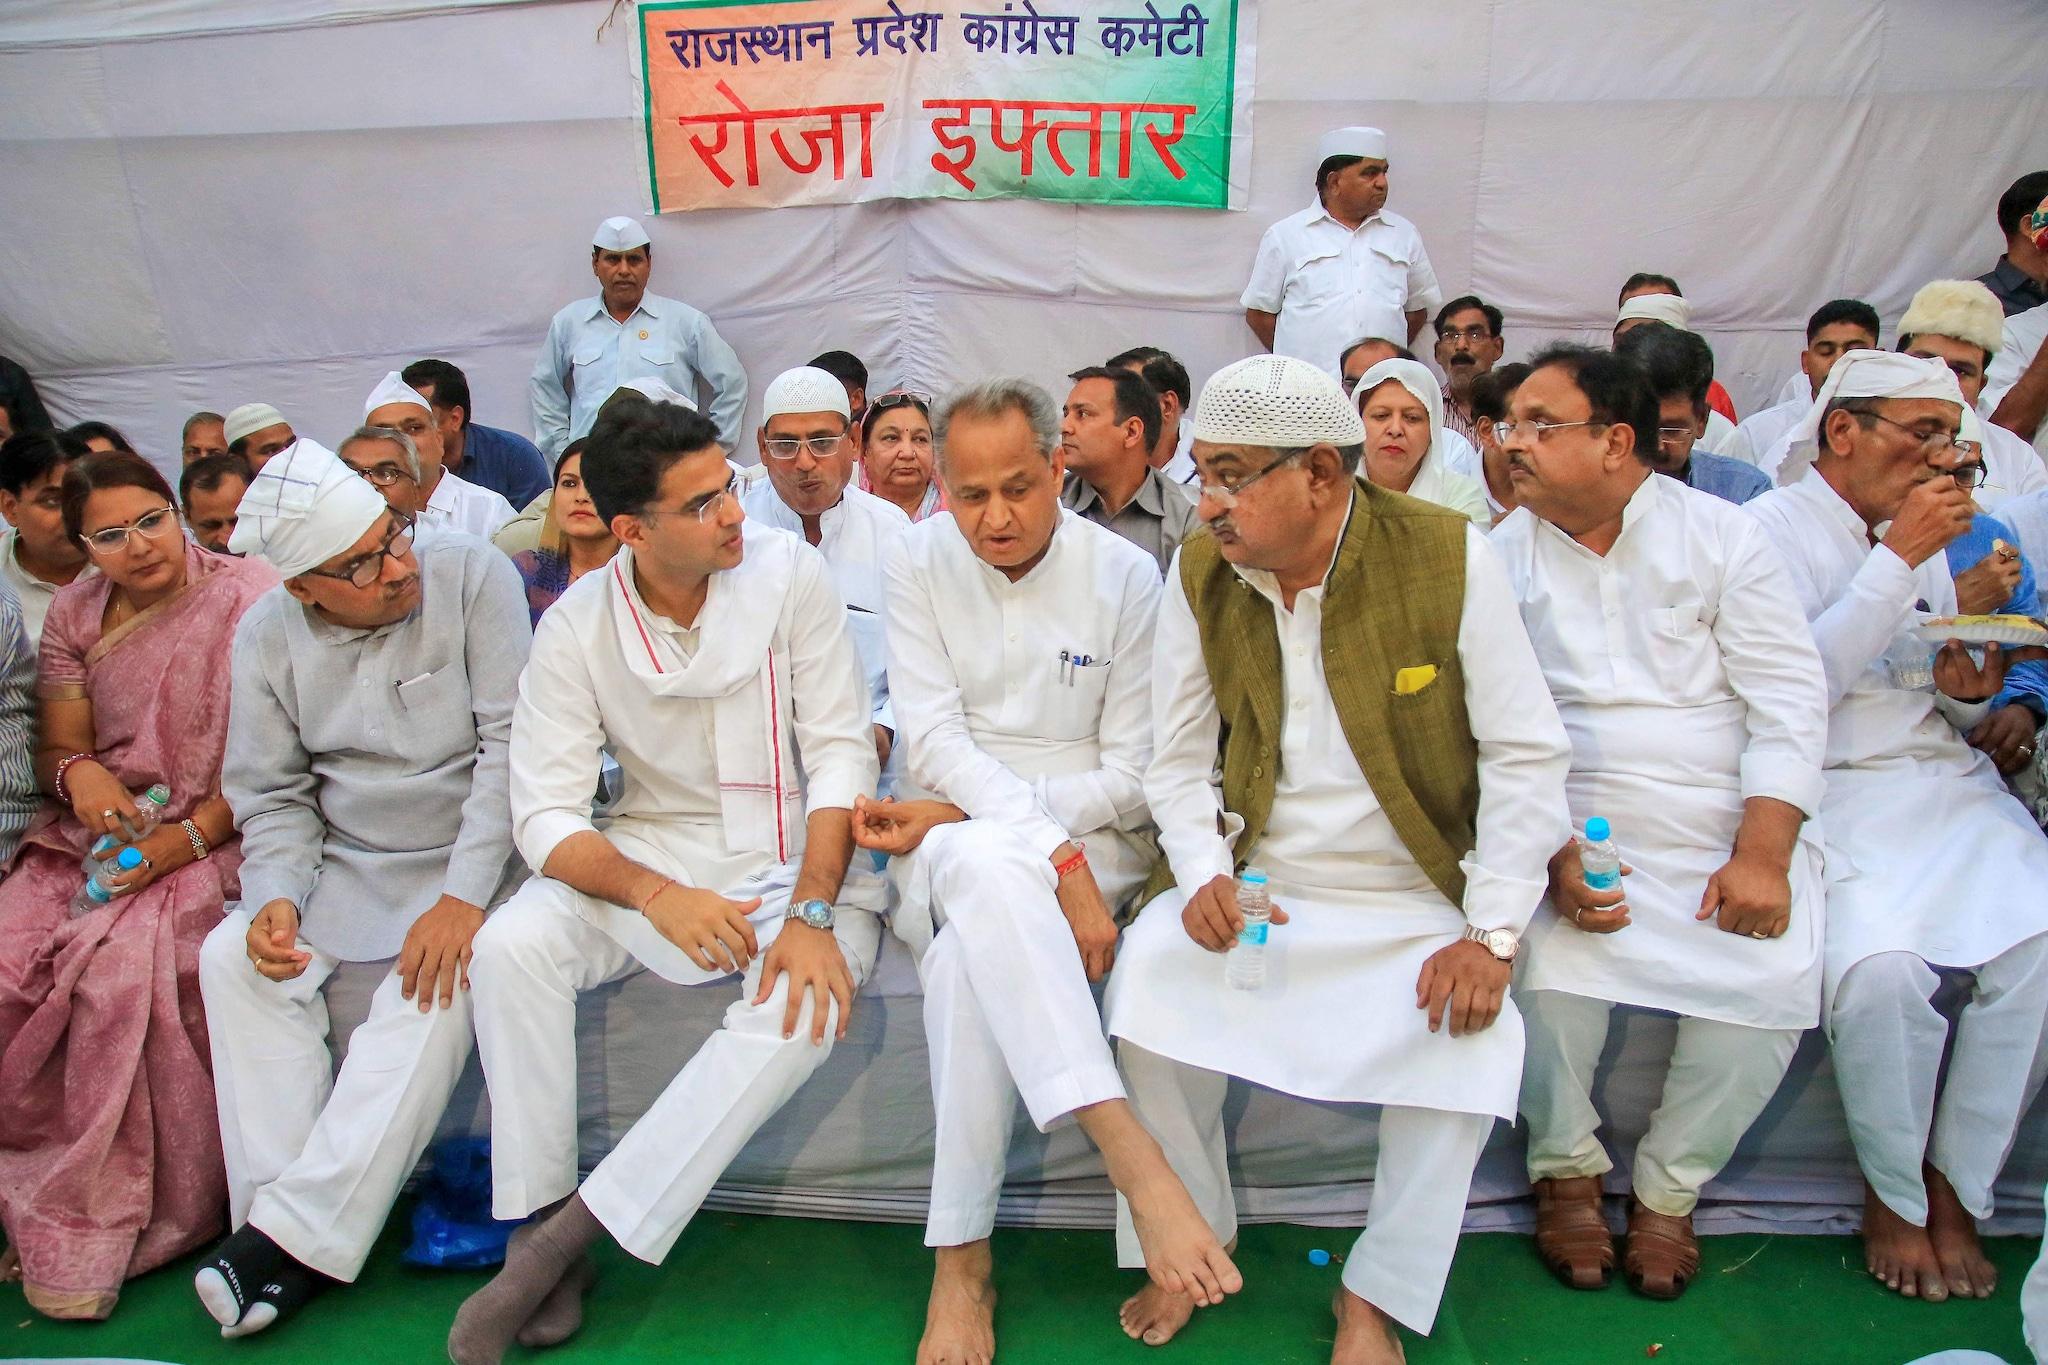 ராஜஸ்தான் மாநில காங்கிரஸ் தலைவர் மற்றும் துணை முதல்வர் சச்சின் பைலட், ராஜஸ்தான் முதல்வர் அசோக் கெலாட், ஜெய்ப்பூரில் நேற்று நடந்த இஃப்தாரில் கலந்துகொண்டபோது.